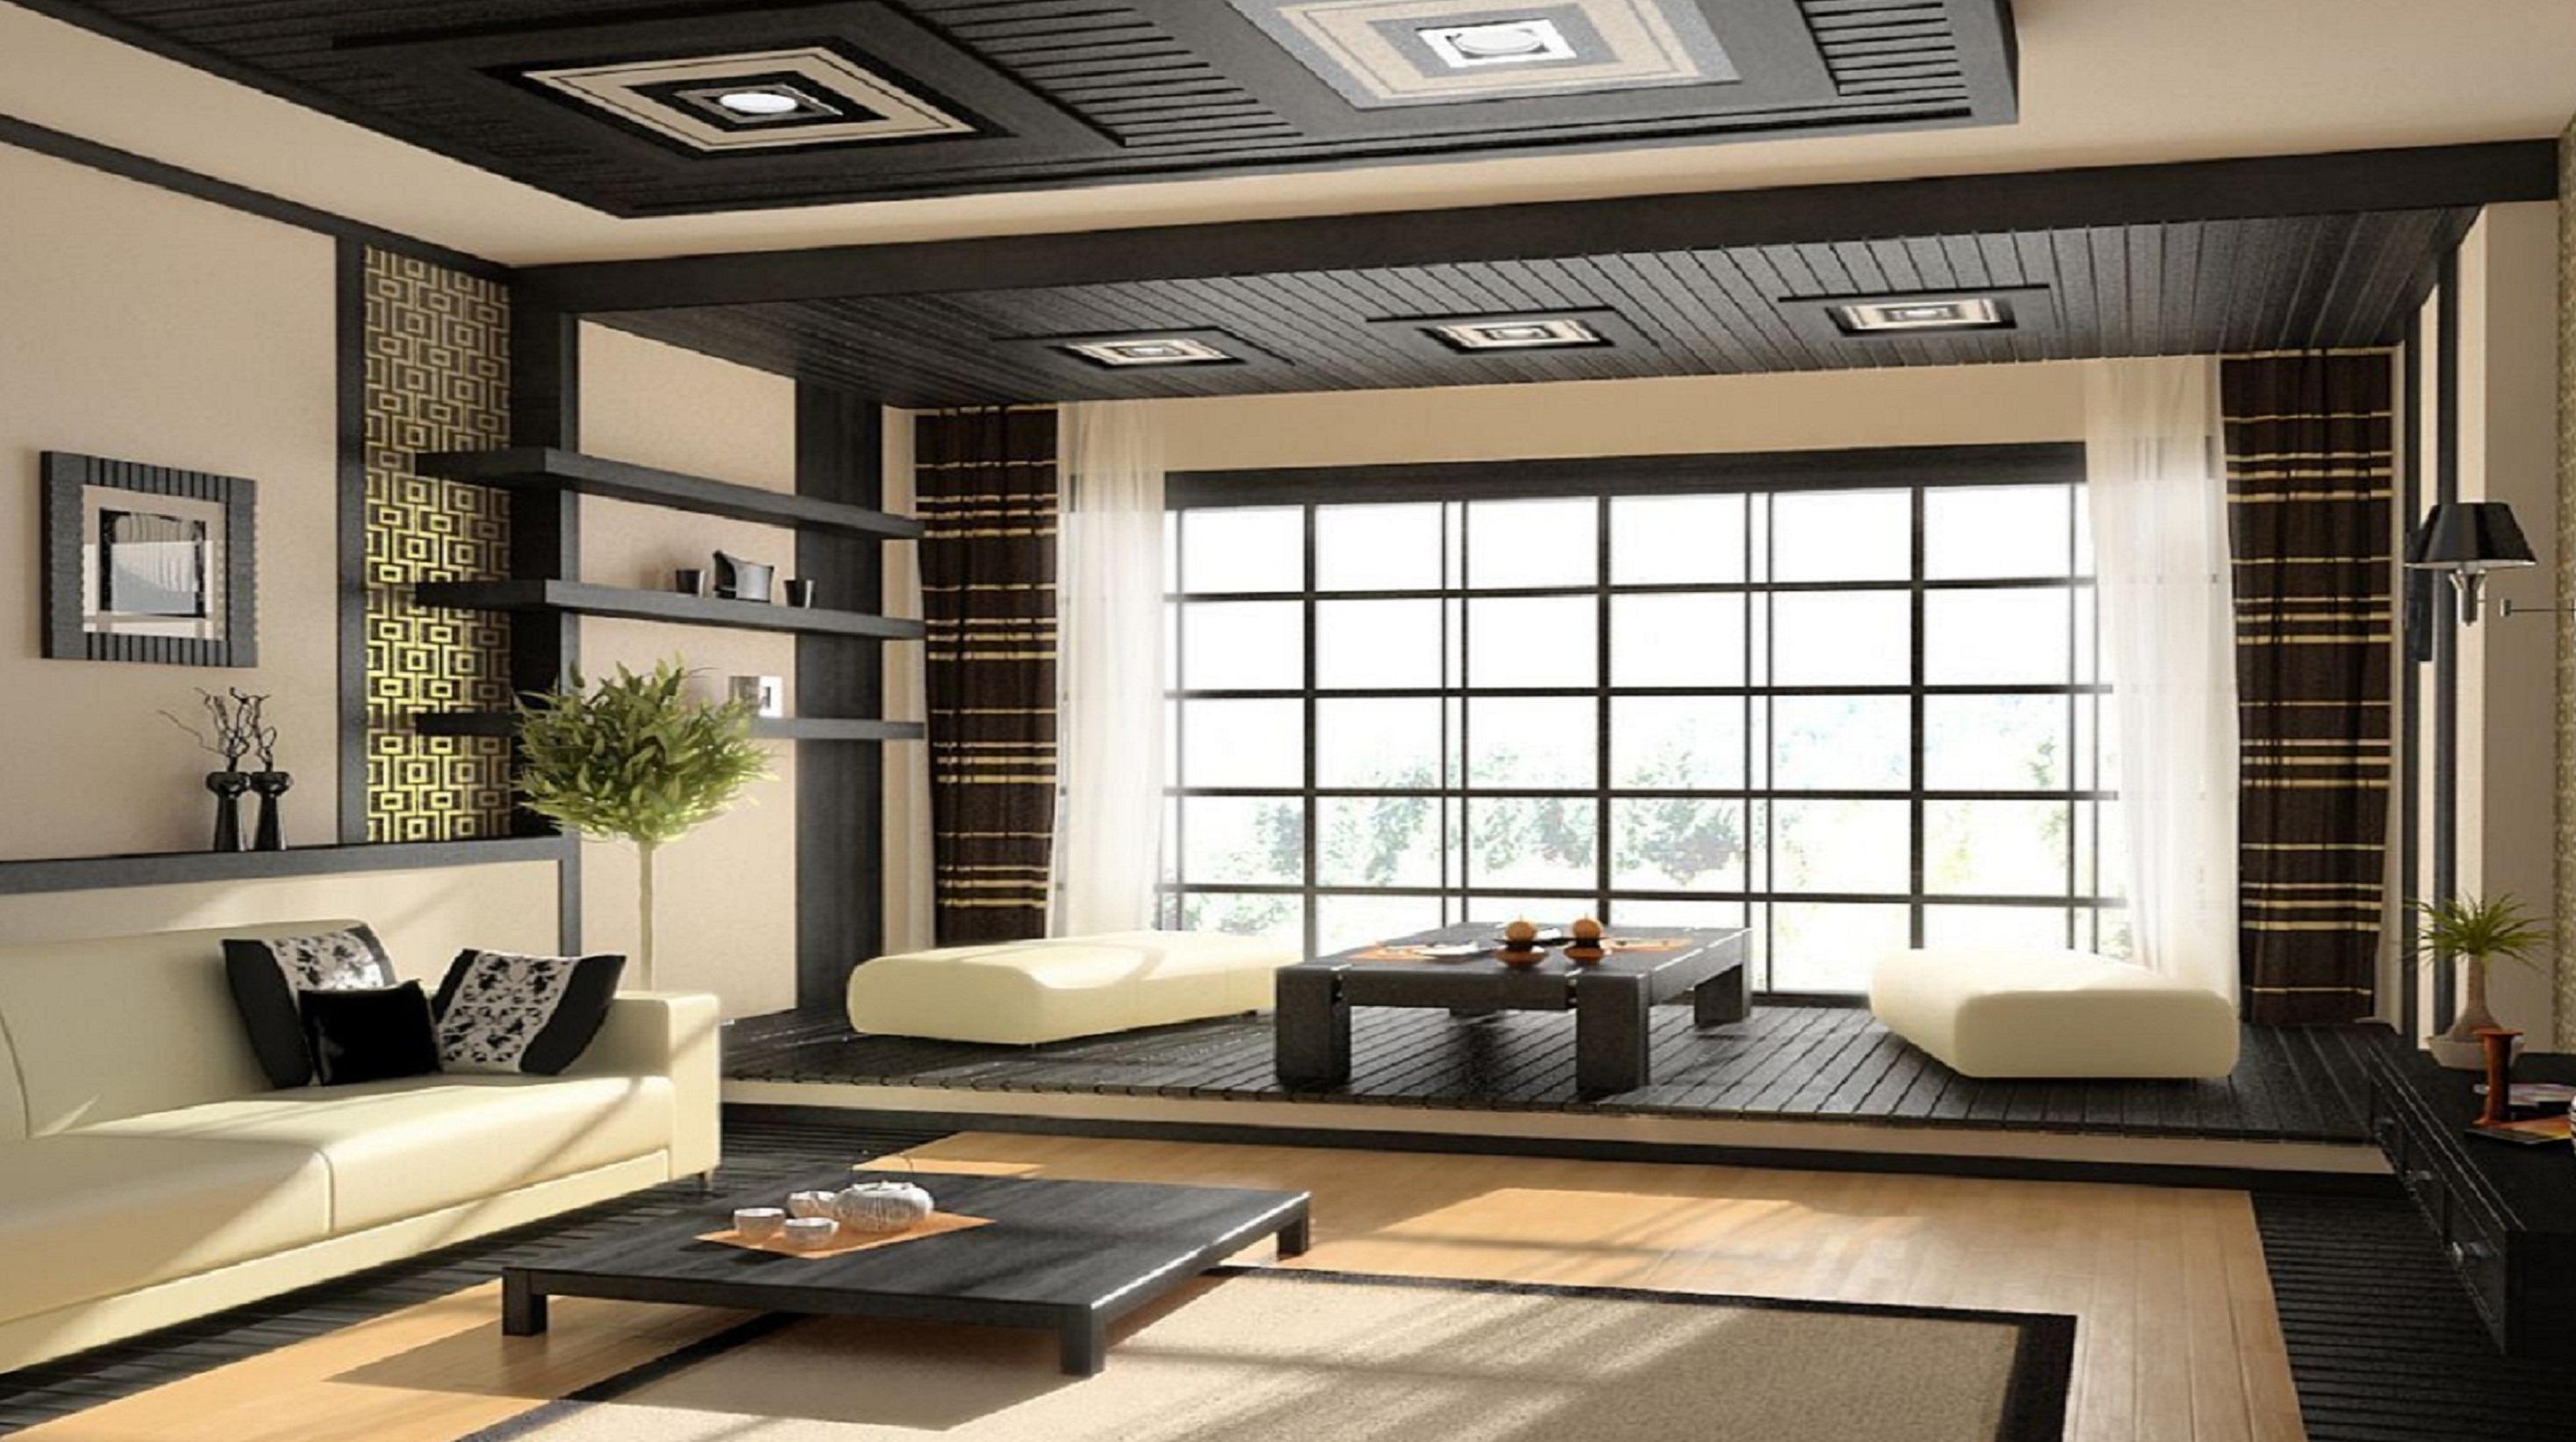 7b0f17c324f1f Купить, продать квартиру или комнату в Санкт-Петербурге и Ленинградской  области с нами удобно и просто!